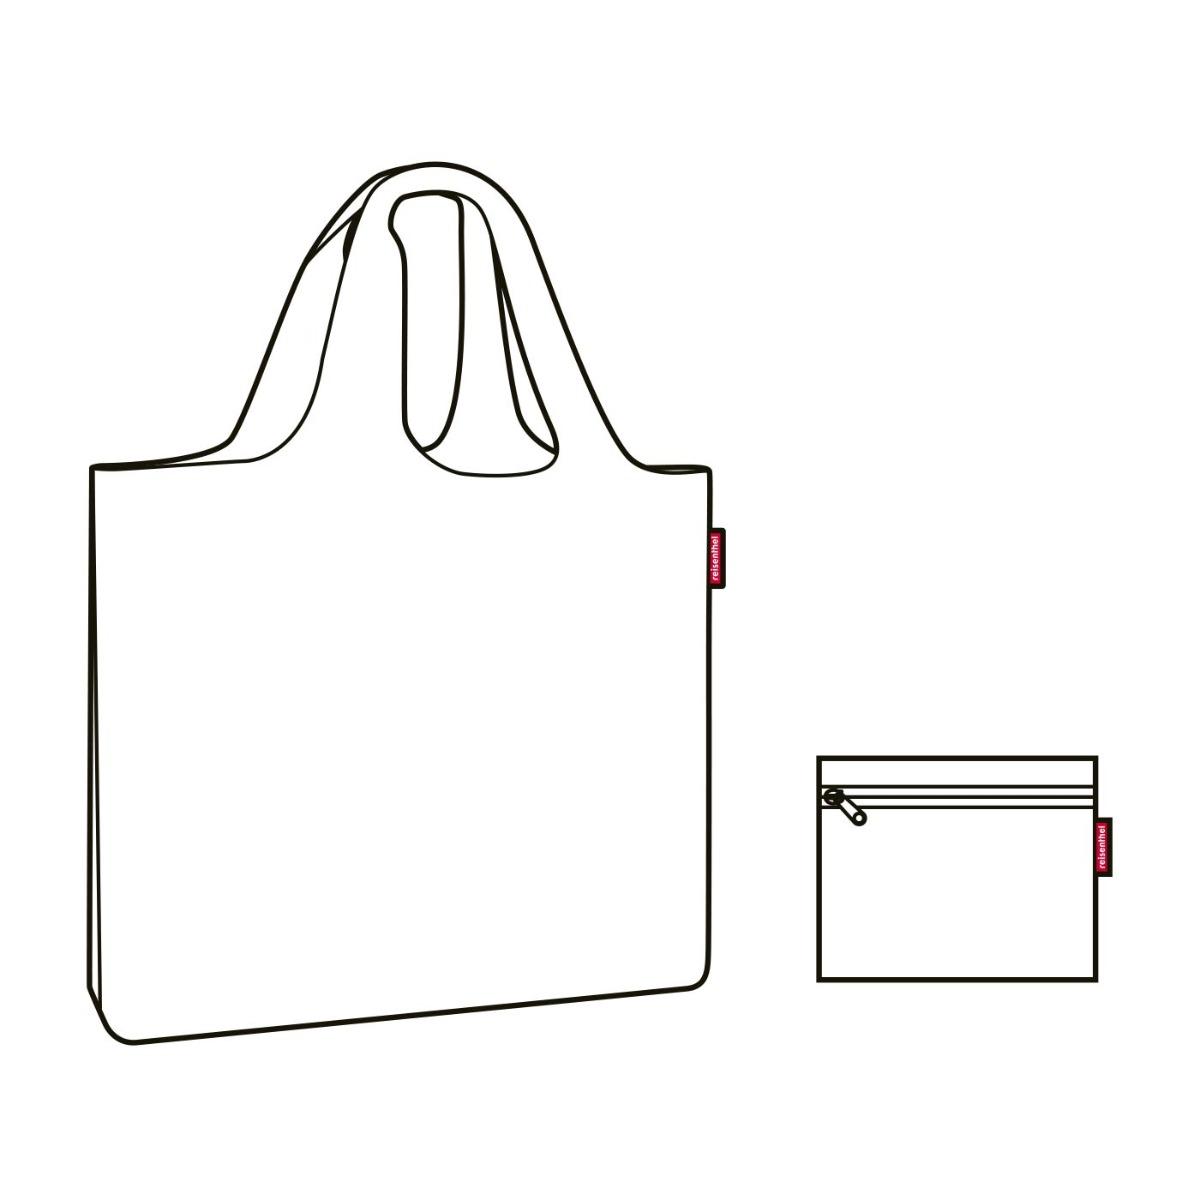 Reisenthel Mini Maxi Beachbag Coral Plážová taška Reisenthel je ideálna letná spoločníčka.  veľkorysý objem široké otváranie na zips možnosť zložiť do malej kapsičky odolný, vodu odpudzujúci materiál